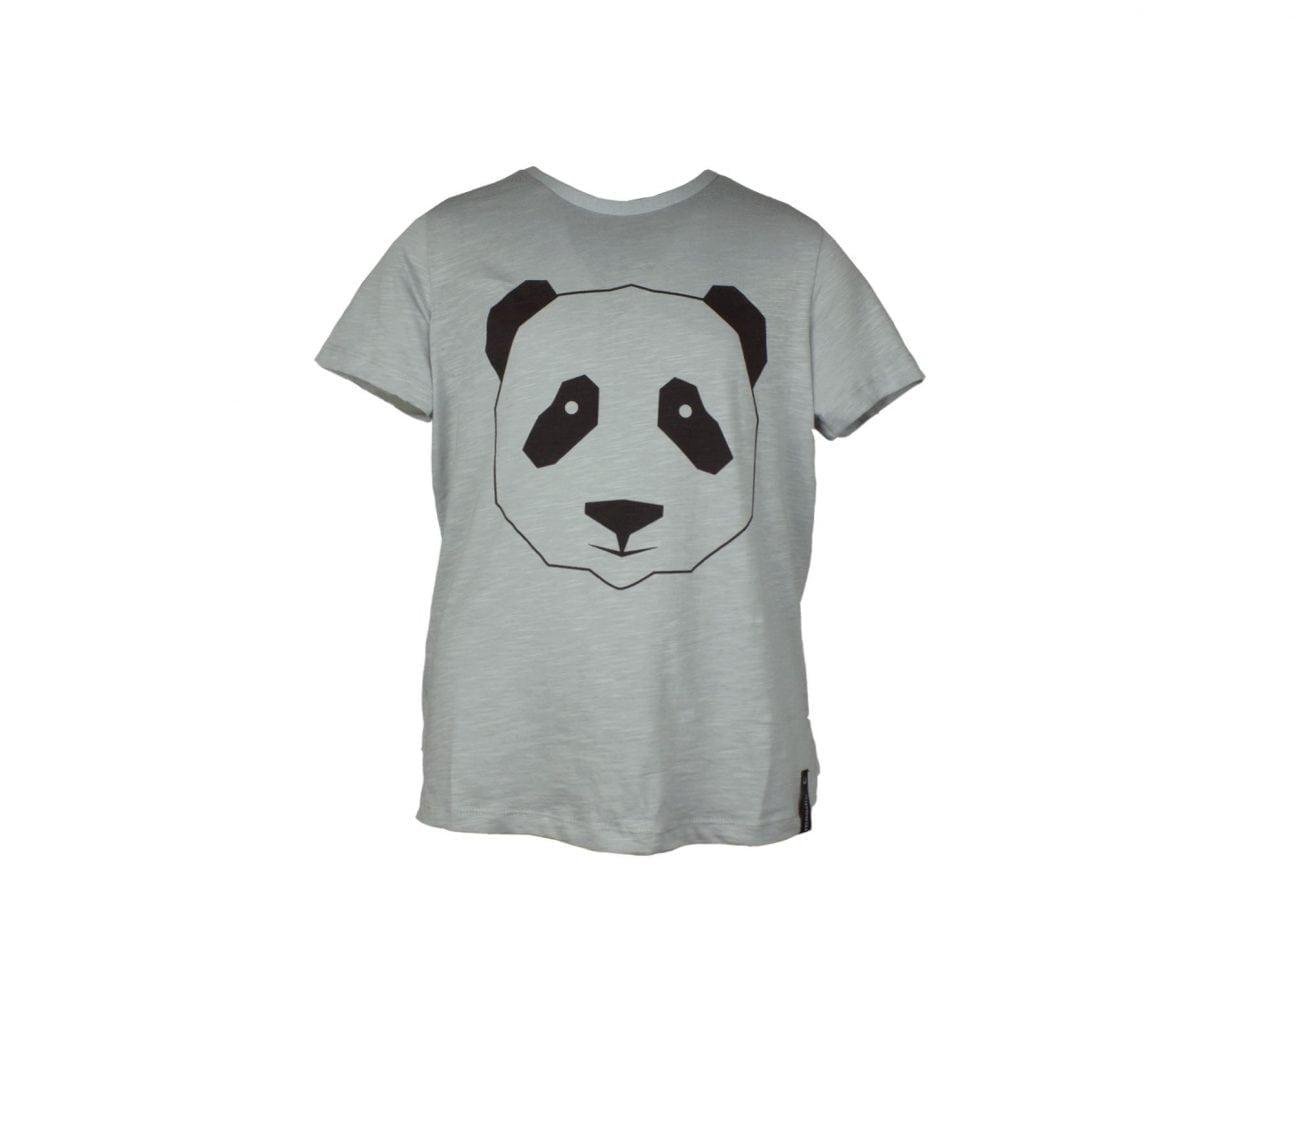 T-shirt barngrå med zip panda- Marley